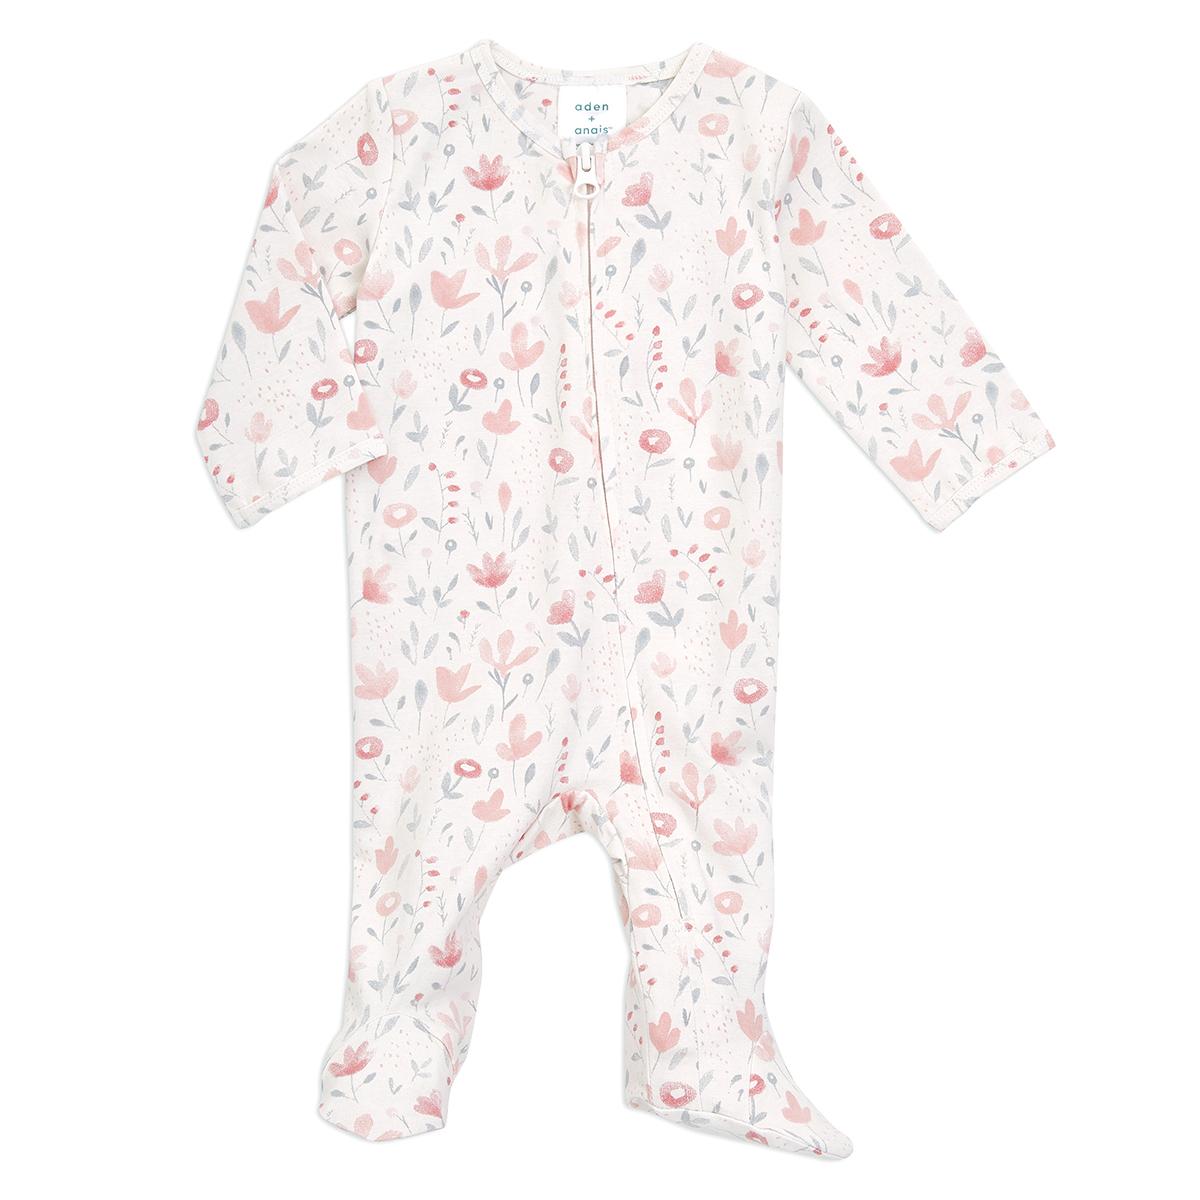 Body & Pyjama Pyjama Perennial - 6/9 Mois Pyjama Perennial - 6/9 Mois